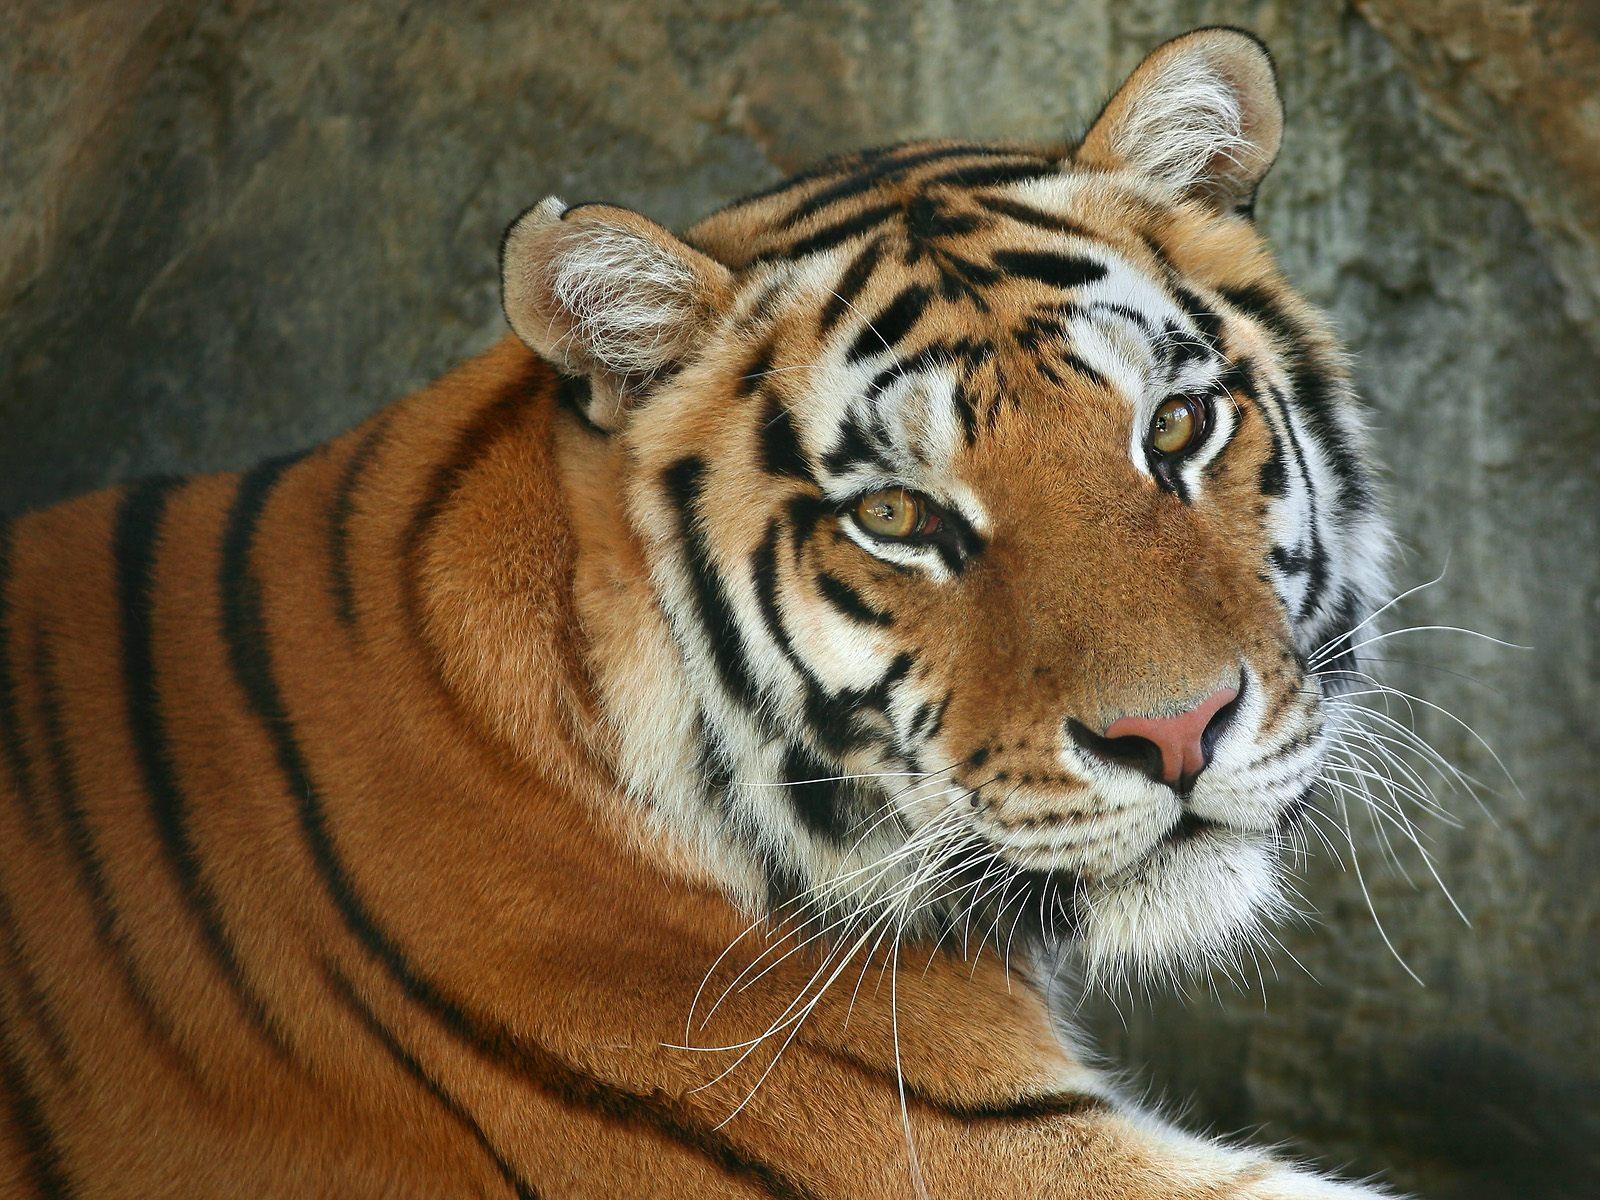 http://1.bp.blogspot.com/-S1XGd3UMG7A/TqxlQoWh8gI/AAAAAAAAAH8/KC1aJtzVFl0/s1600/A+Regal+Bengal+Tiger.jpg